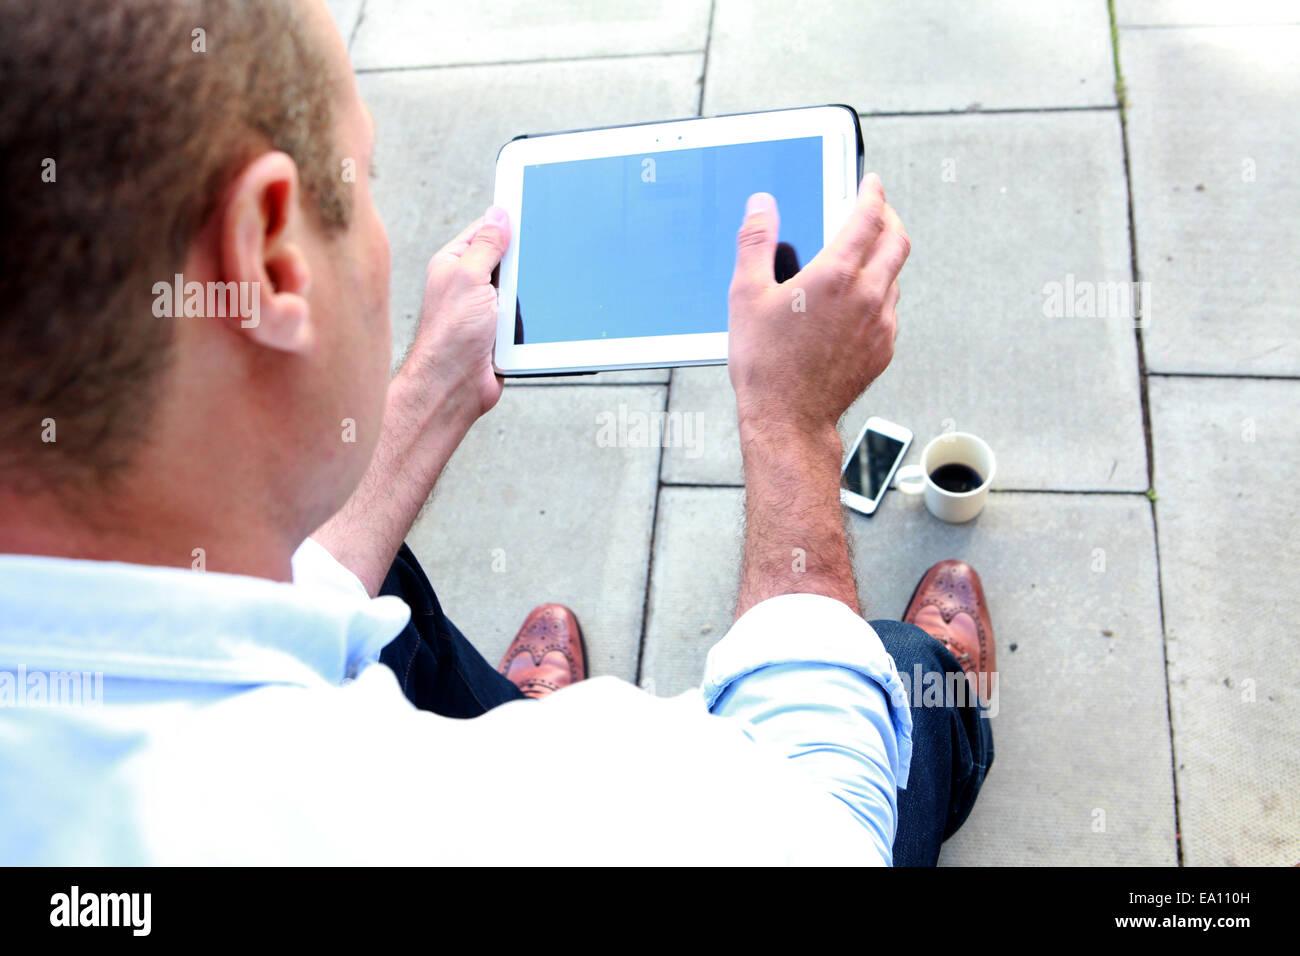 Sulla spalla vista dell architetto maschio tavoletta digitale su office step Immagini Stock